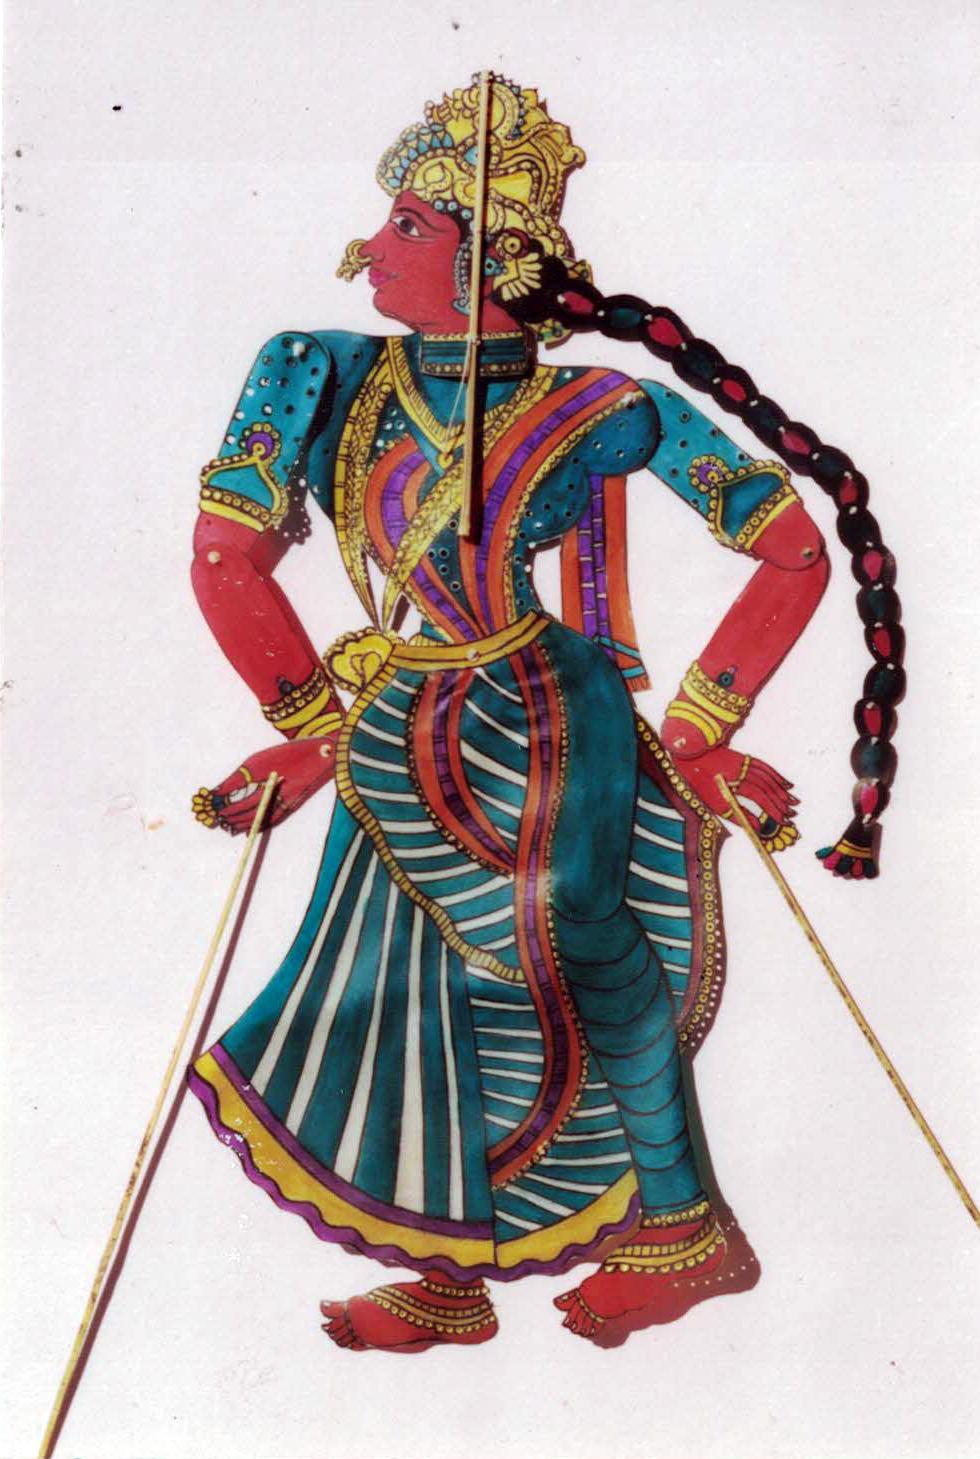 Kaikeyi, la deuxième épouse du roi Dasharatha, le père de Râma, un personnage du Râmâyana créé par le marionnettiste contemporain Mahipat Kavi de Puppets & Plays (Ahmedabad, Gujarat). Marionnette d'ombre